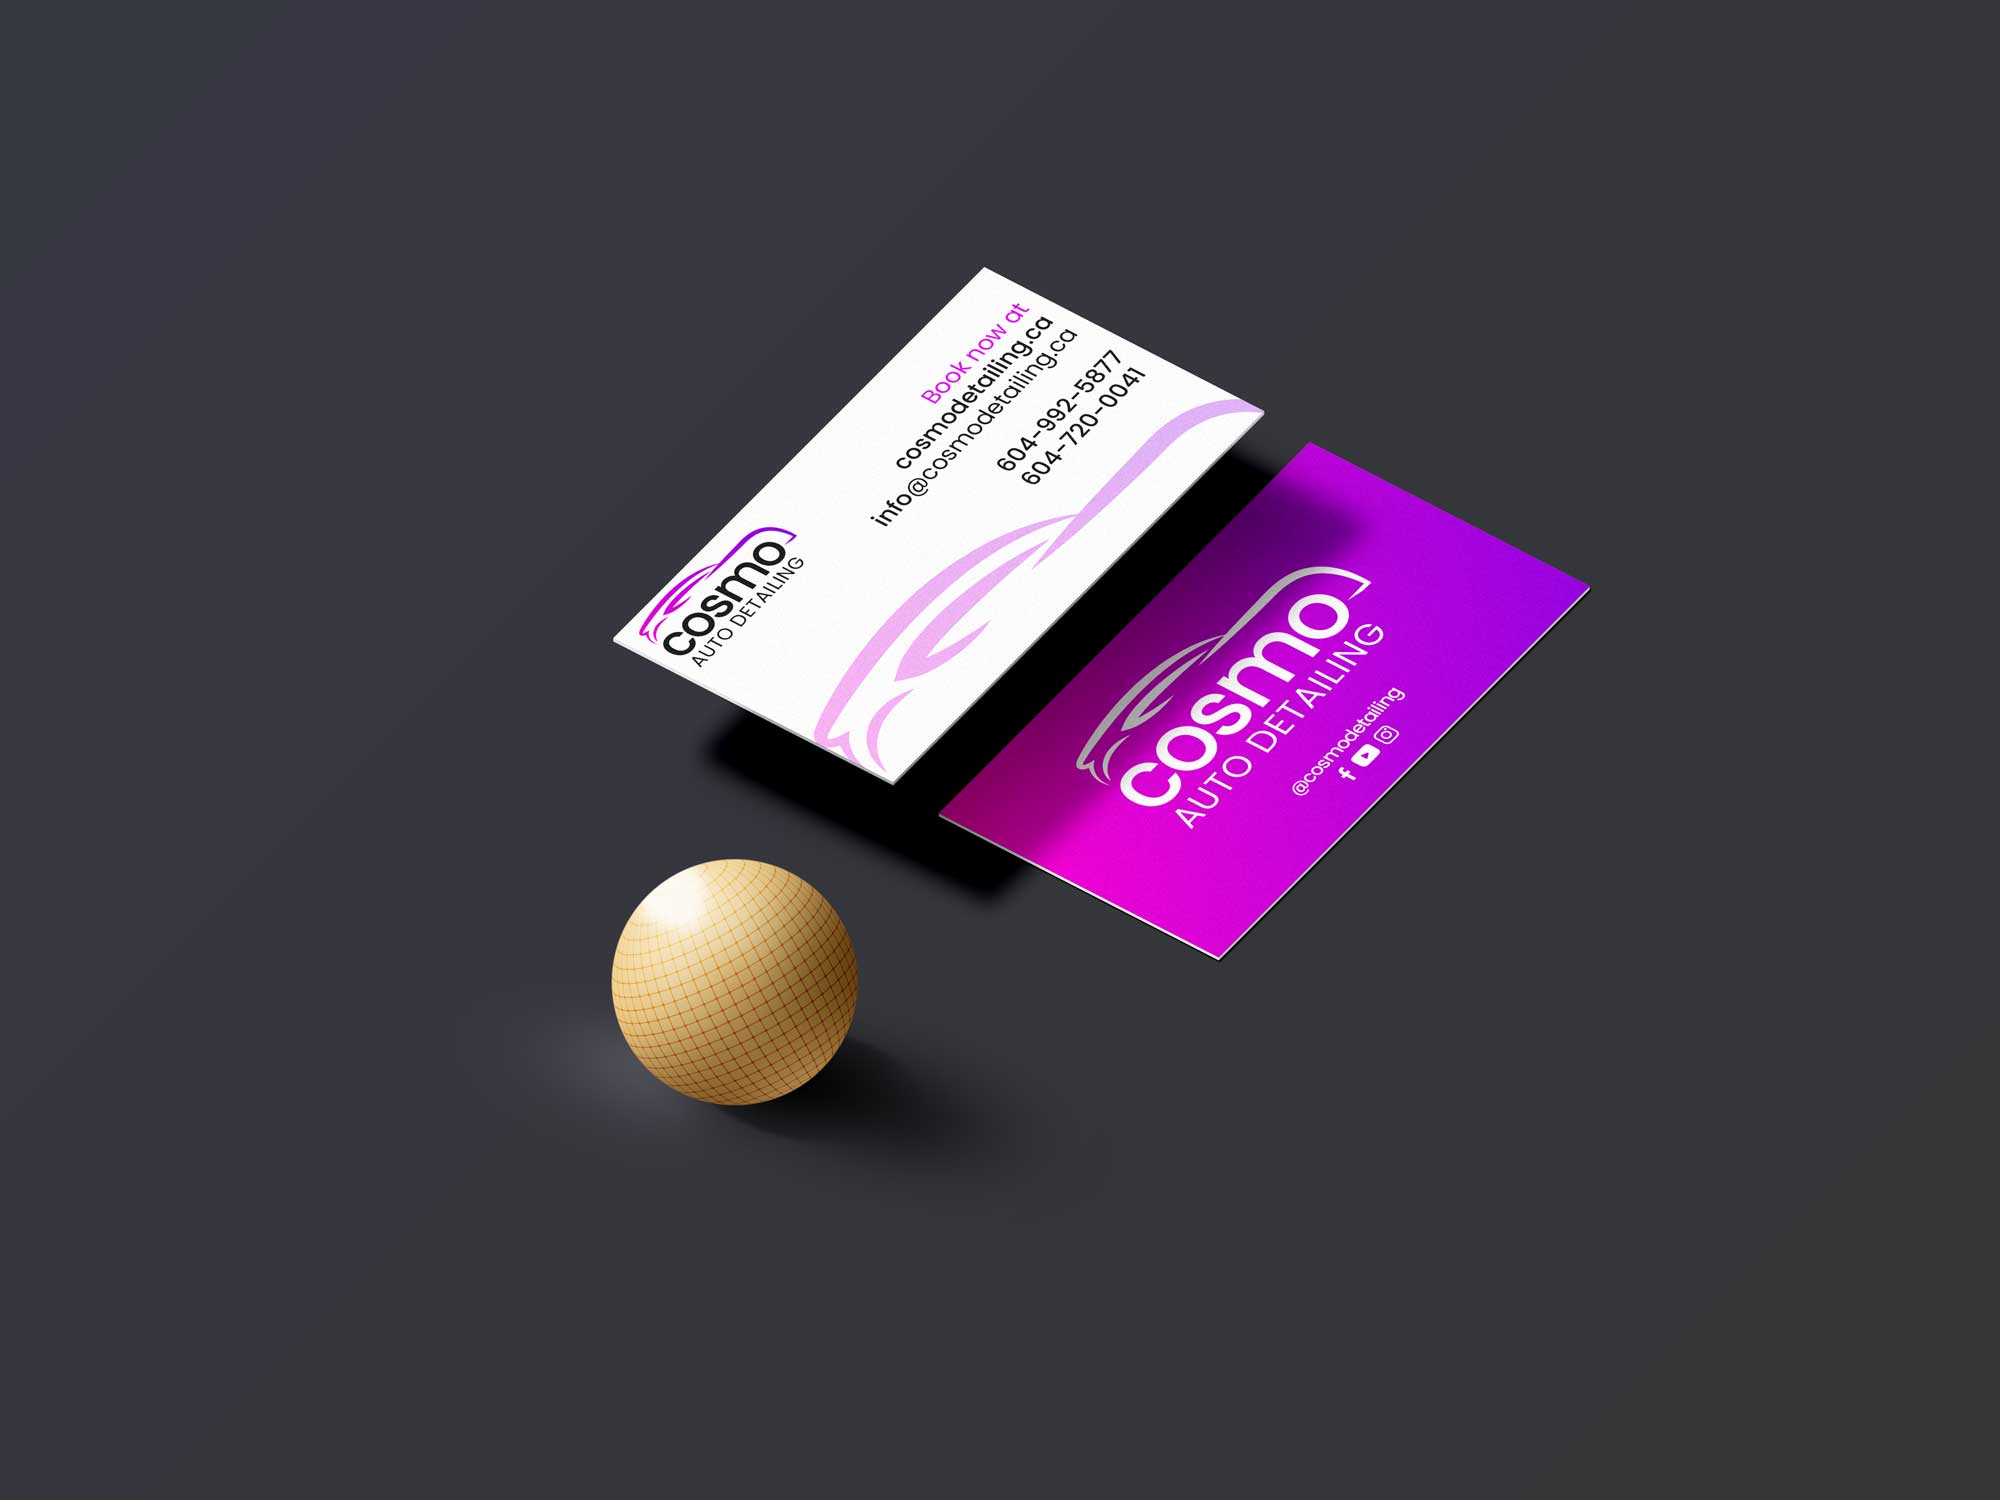 cosmocards